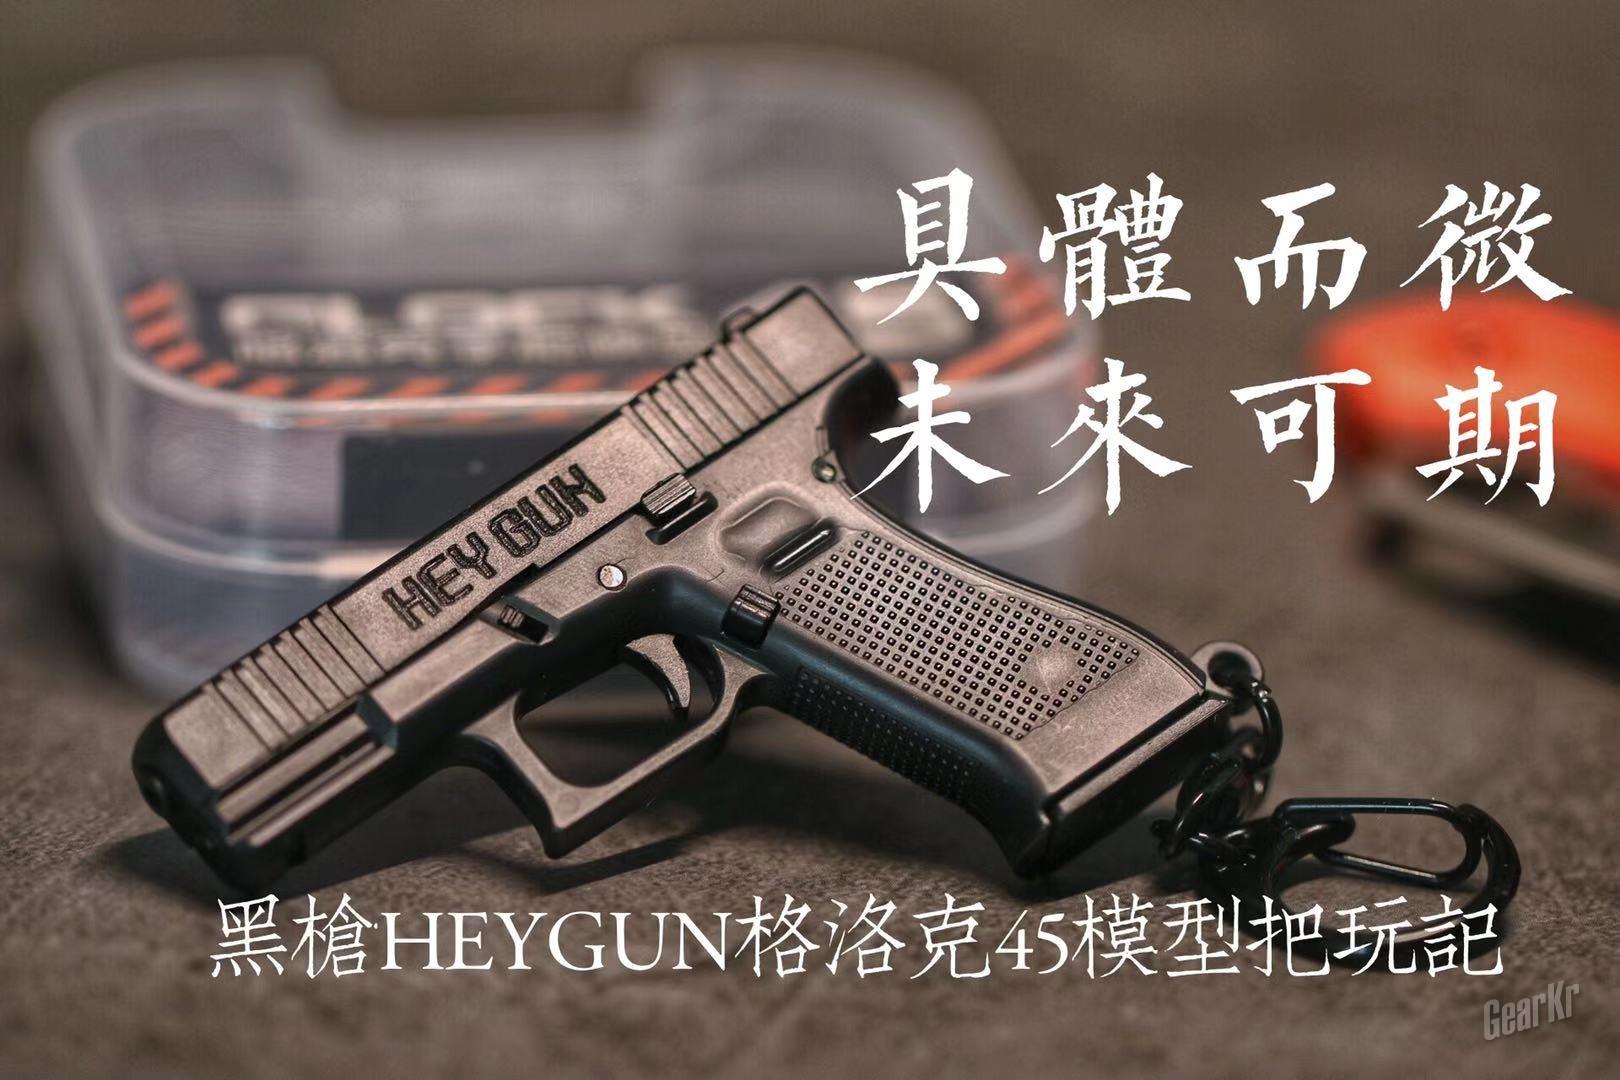 具体而微 未来可期——黑枪HEYGUN格洛克45模型把玩记